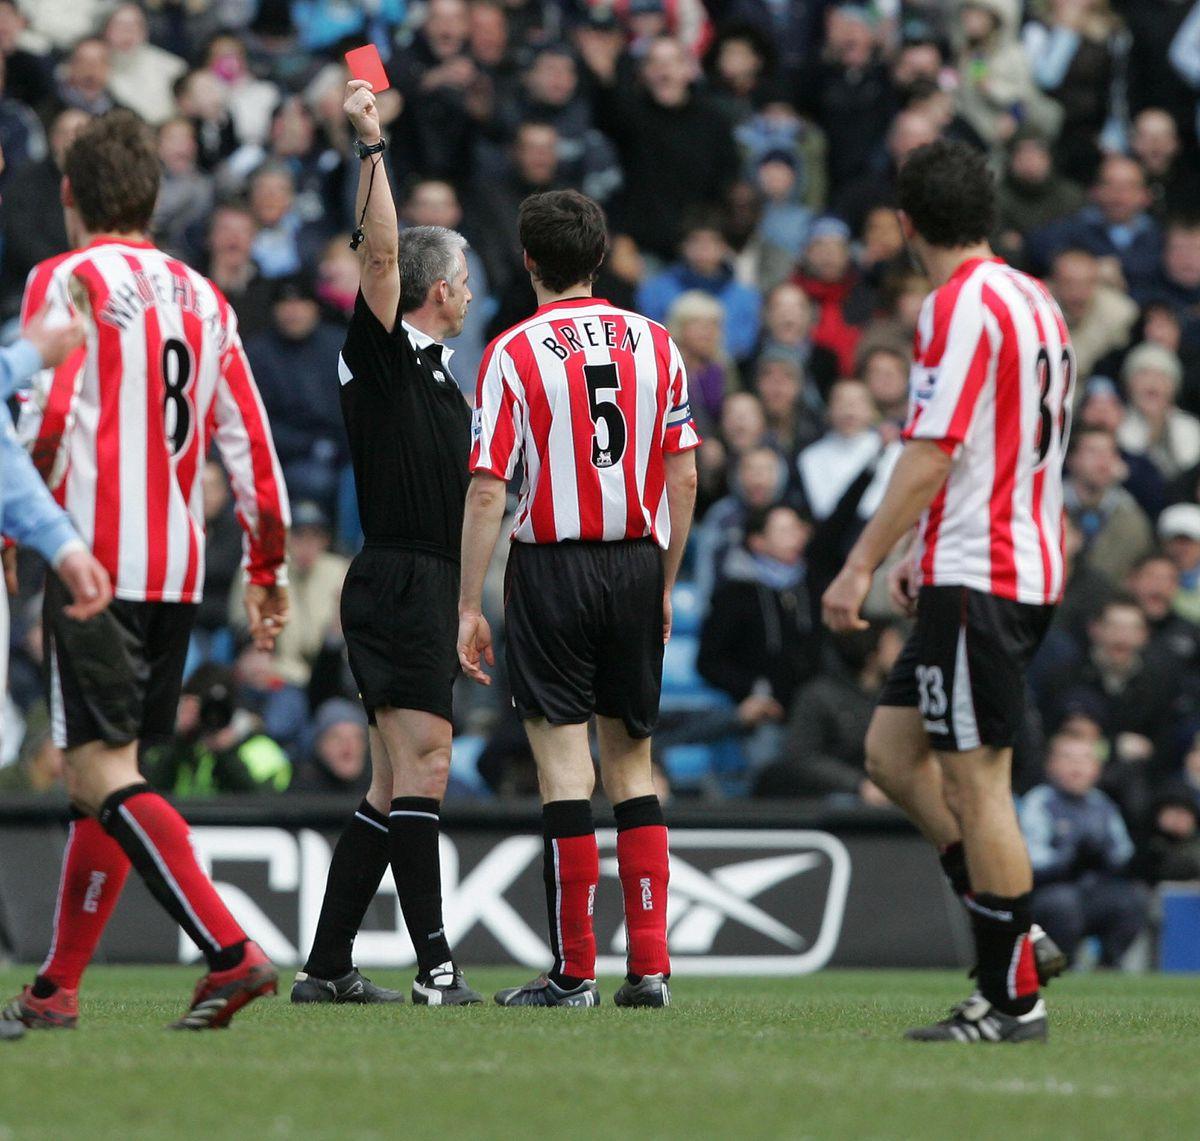 Sunderland's captain Gary Breen is shown